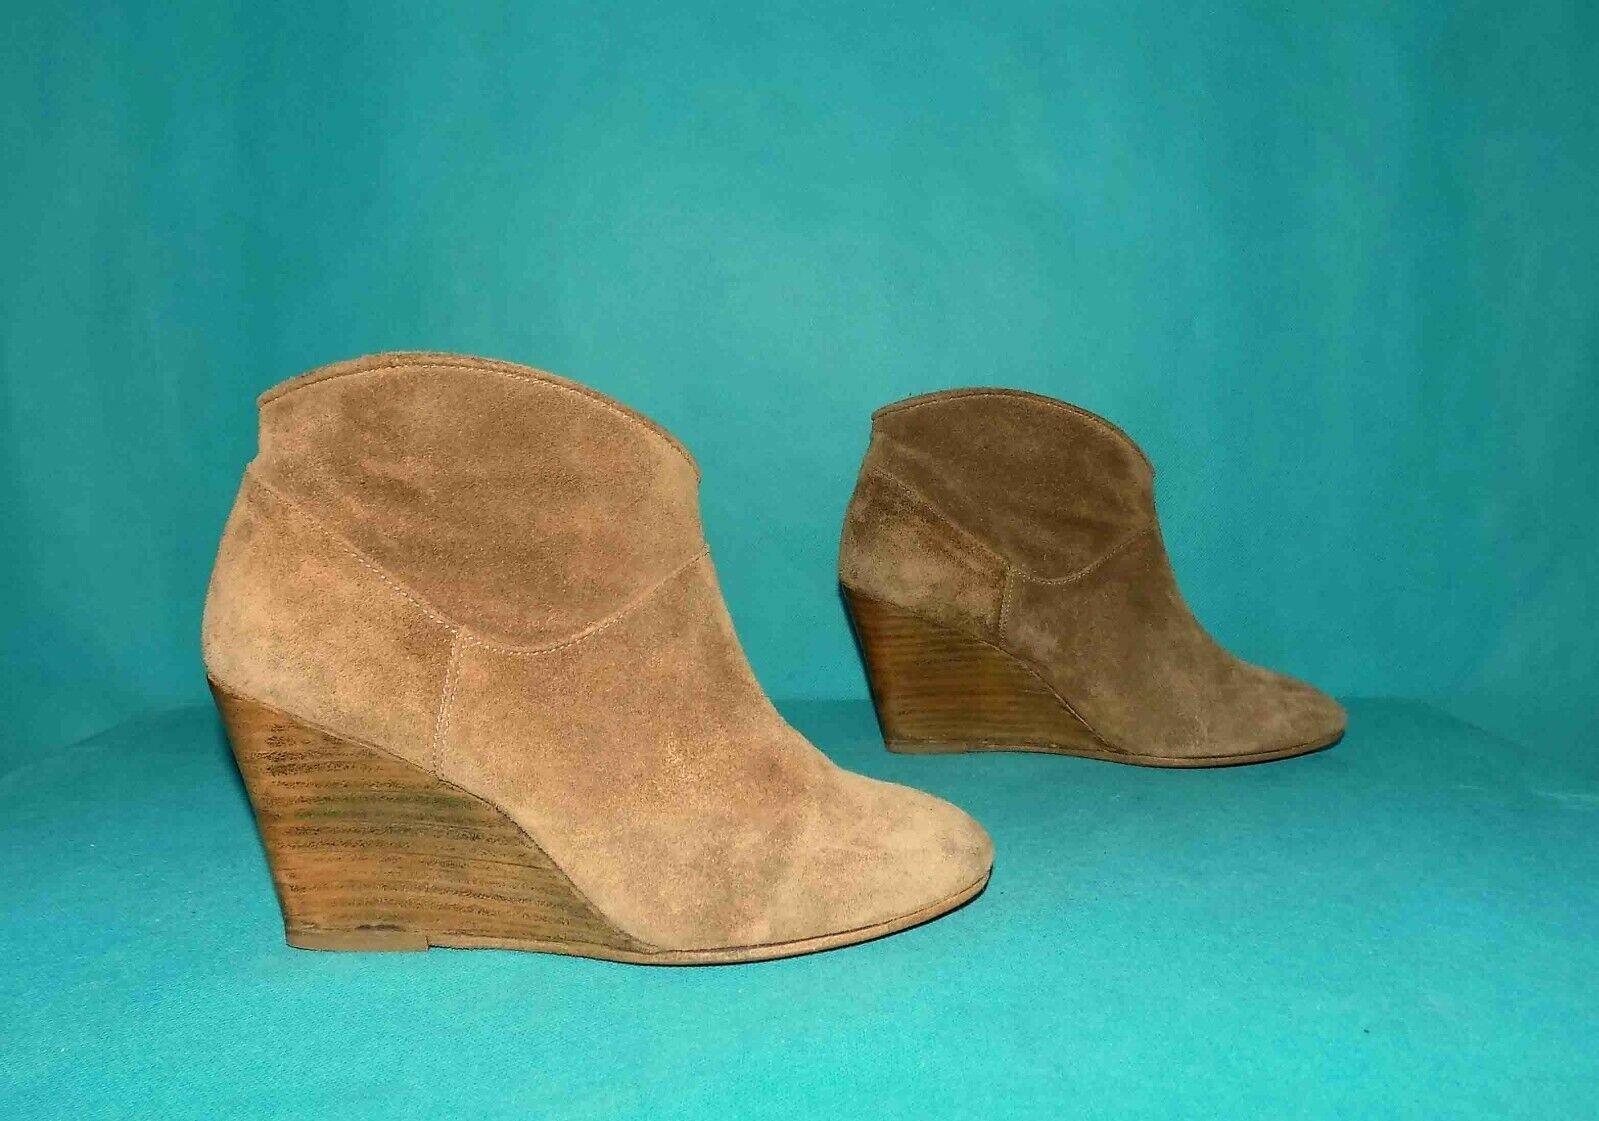 Aktuelle Damen Stiefelette Schuhe Indianer Boots stylische Stiefel 36-41